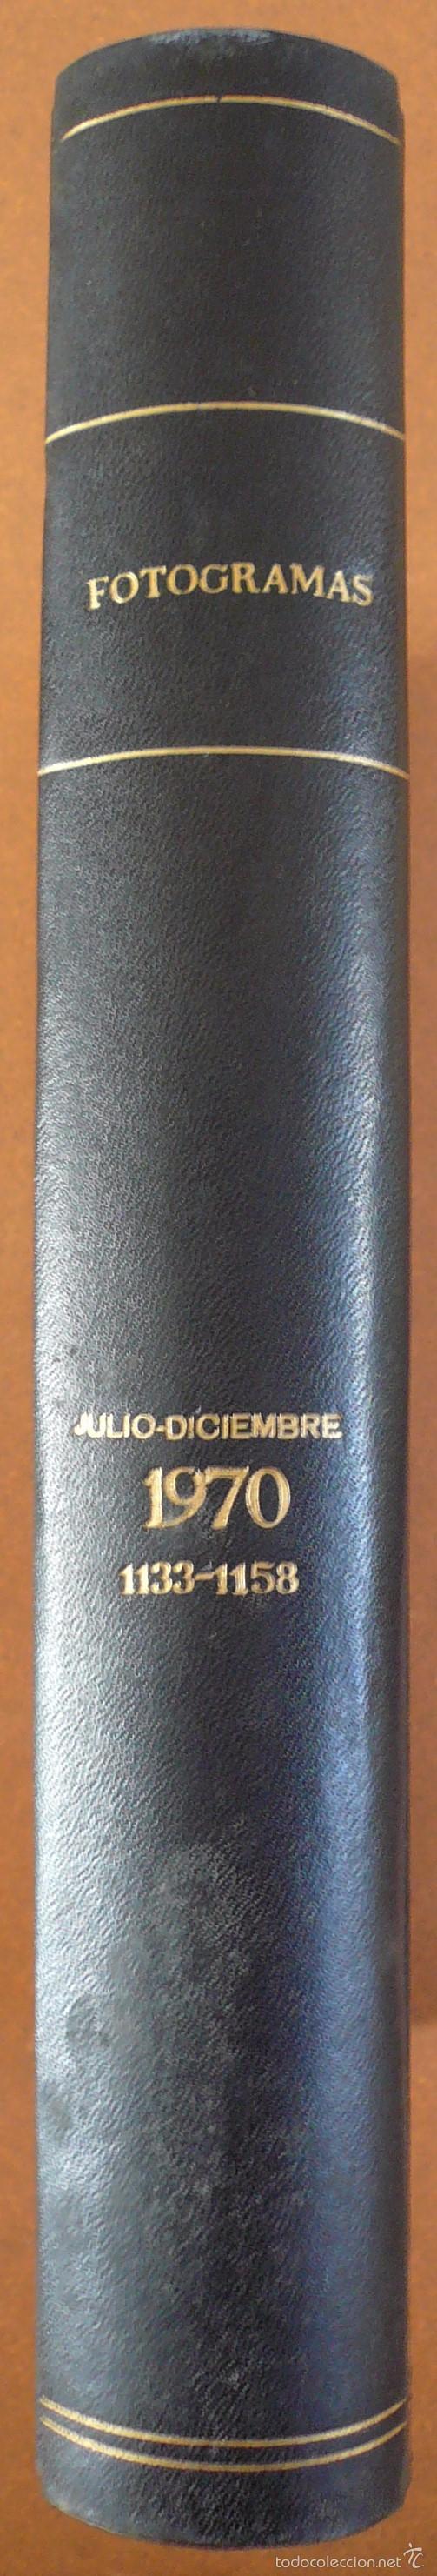 Cine: FOTOGRAMAS JULIO - DICIEMBRE 1970 DEL Nº 1133 AL Nº 1158 - Foto 2 - 55571049